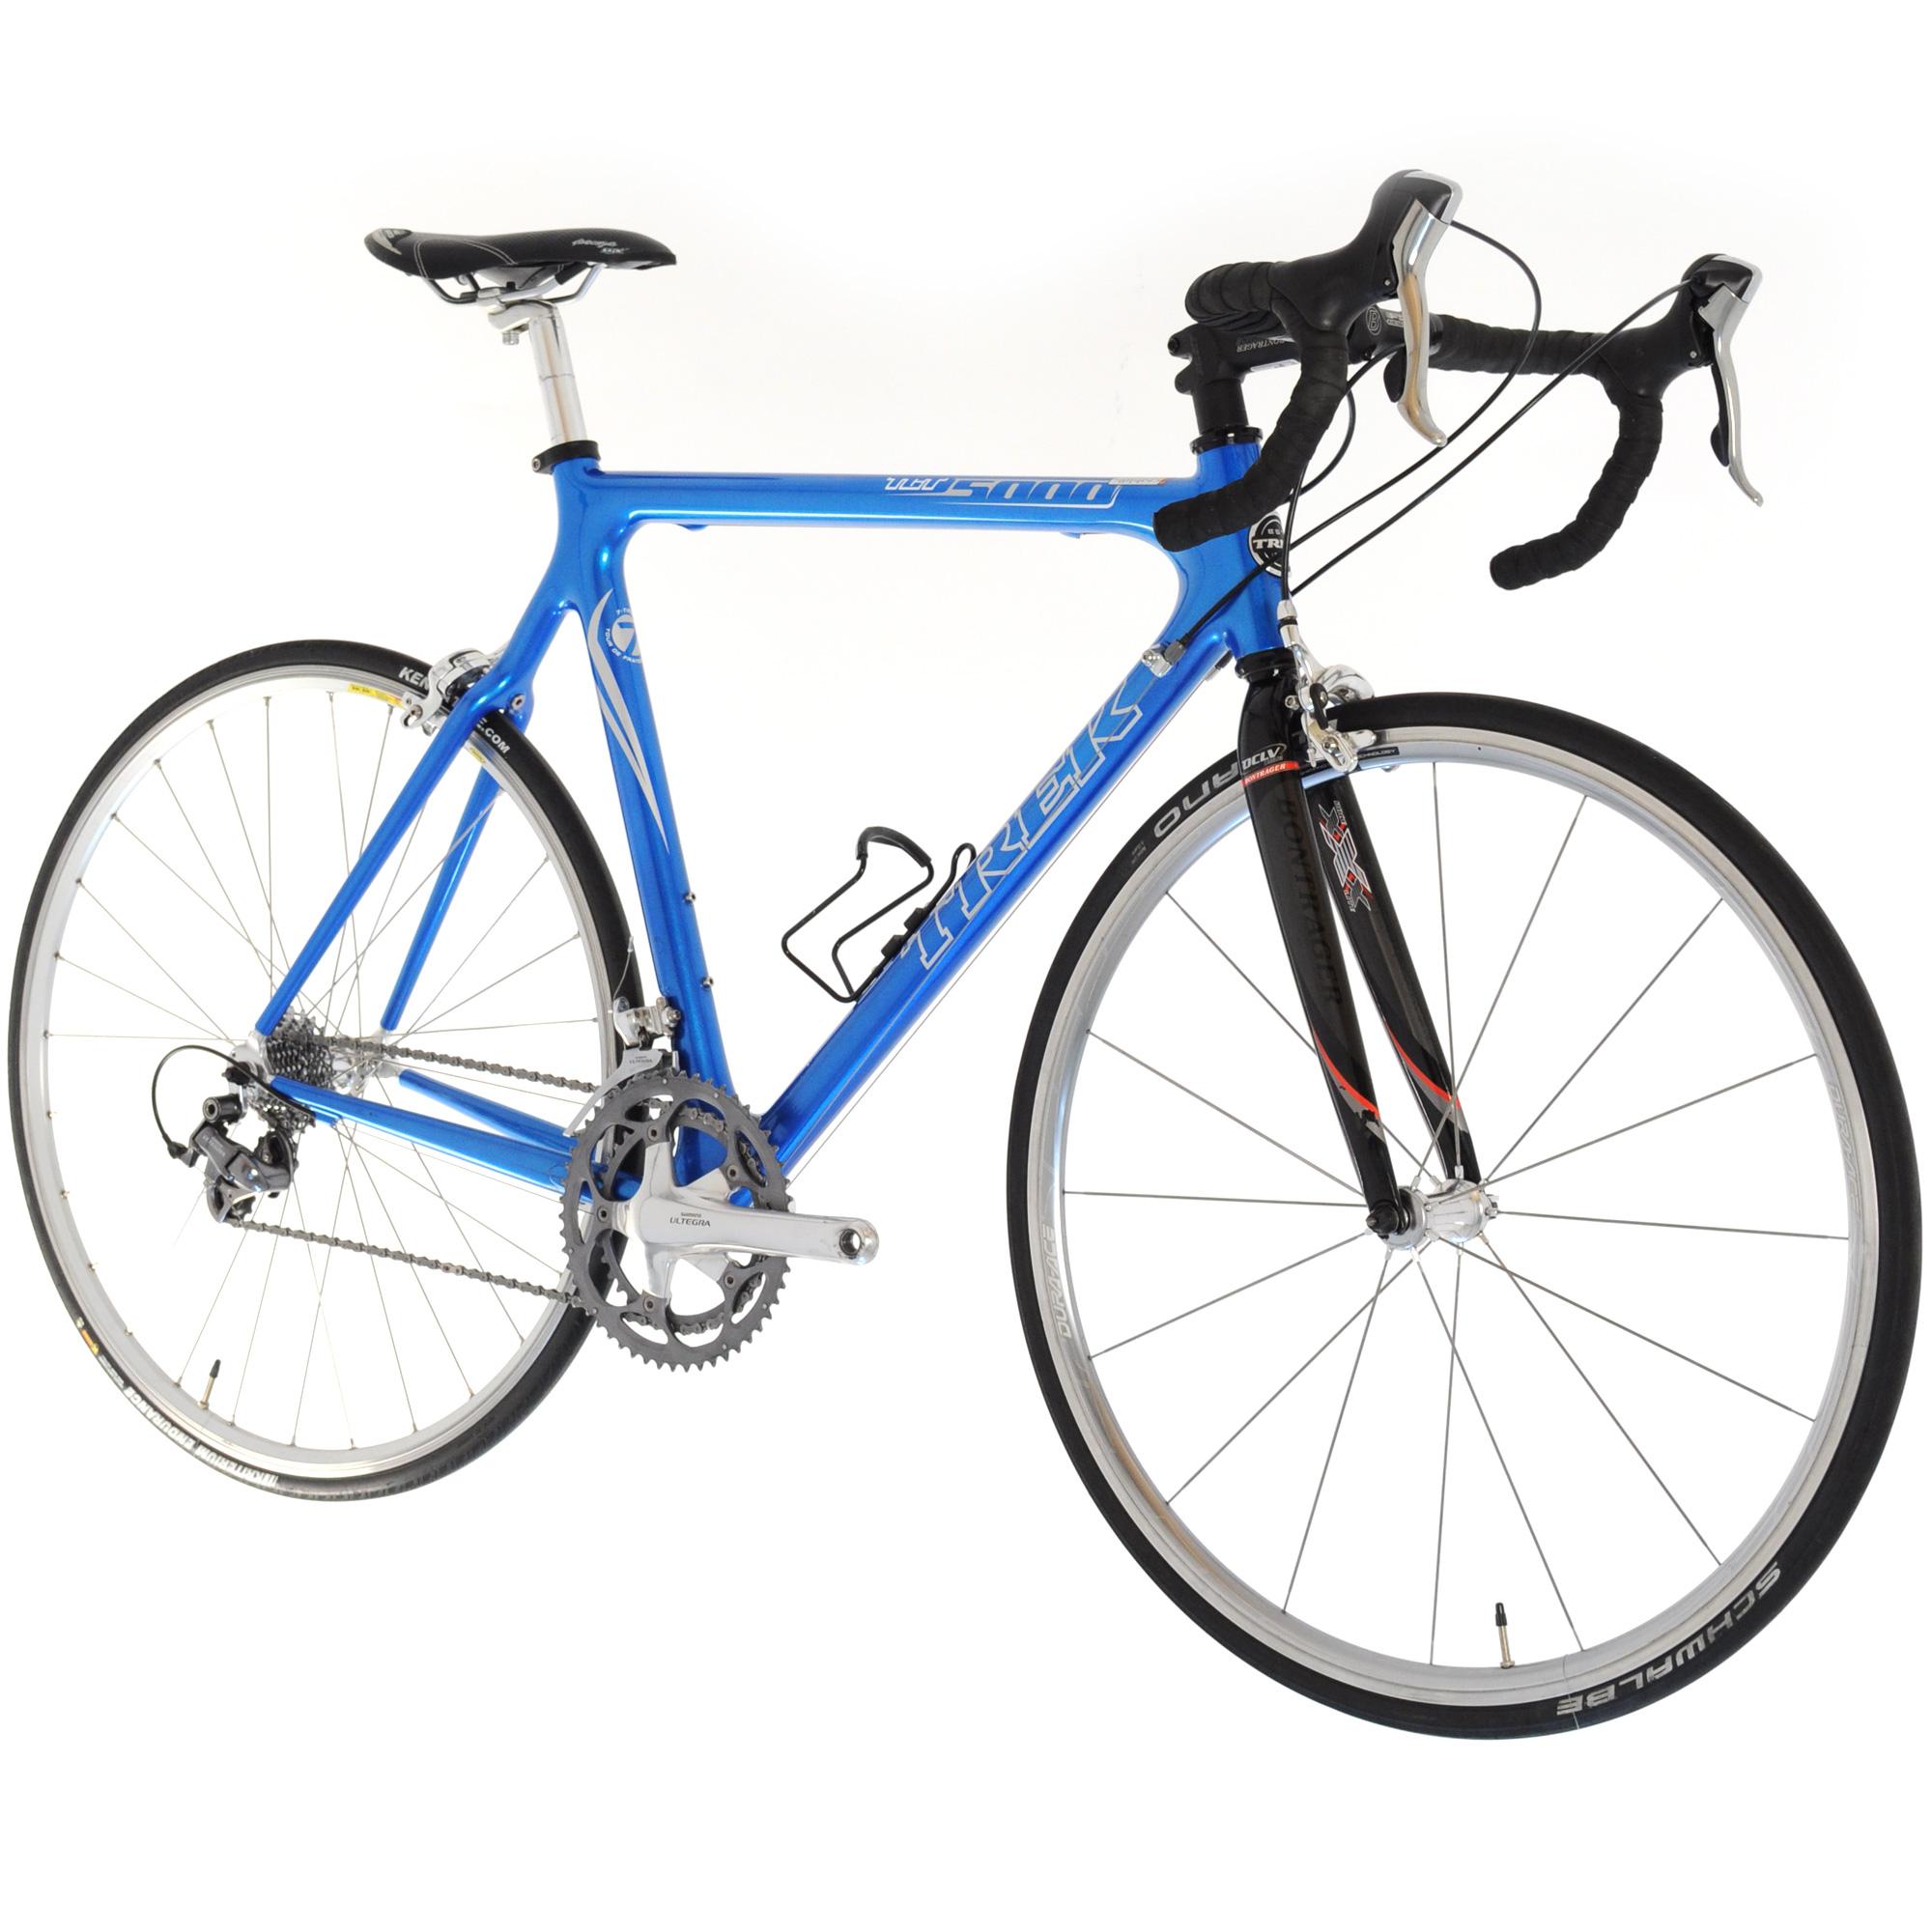 2007 Trek 5000 Tct Carbon 10 Speed Road Bike Shimano